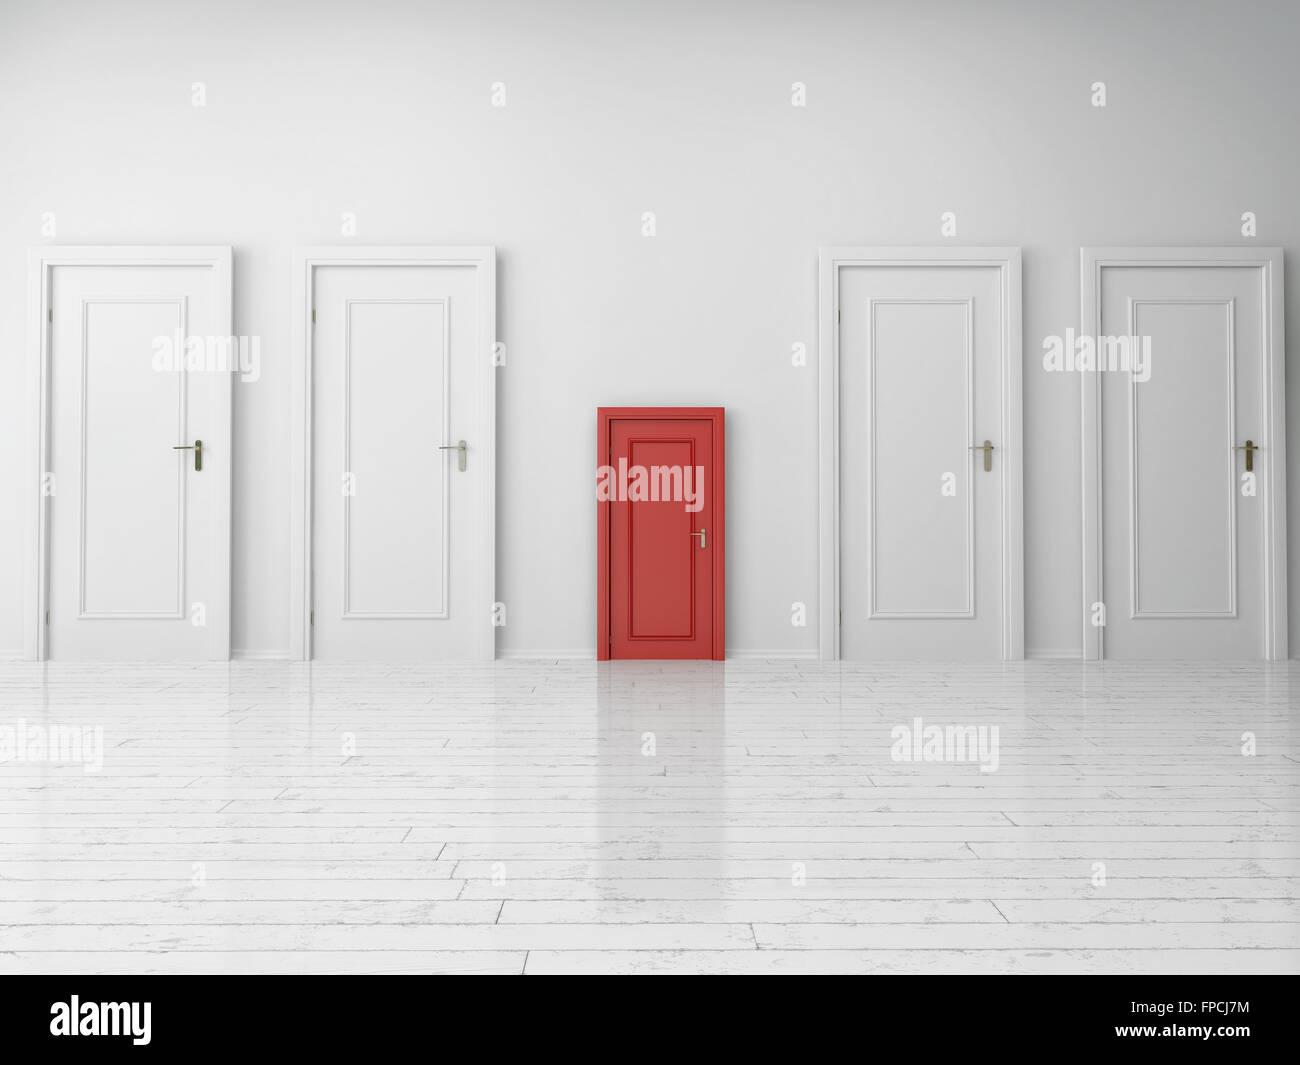 The Empty Door